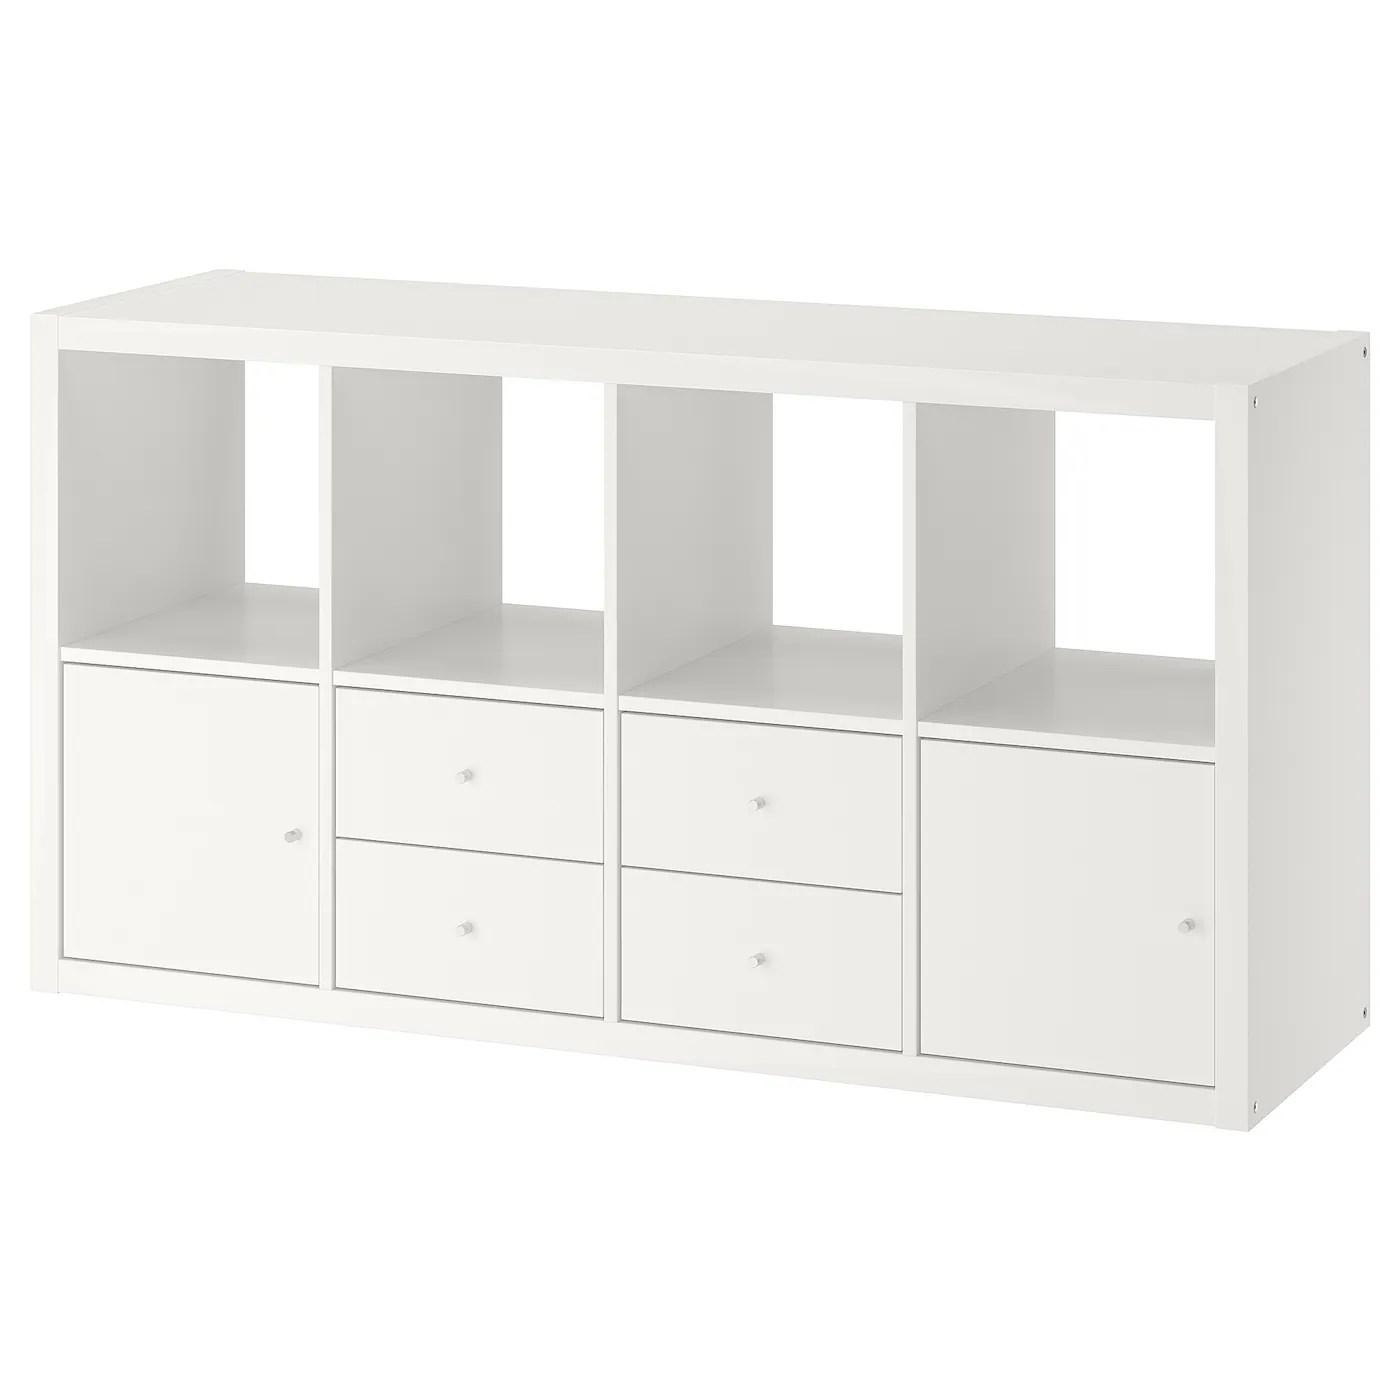 Kallax Series Ikea